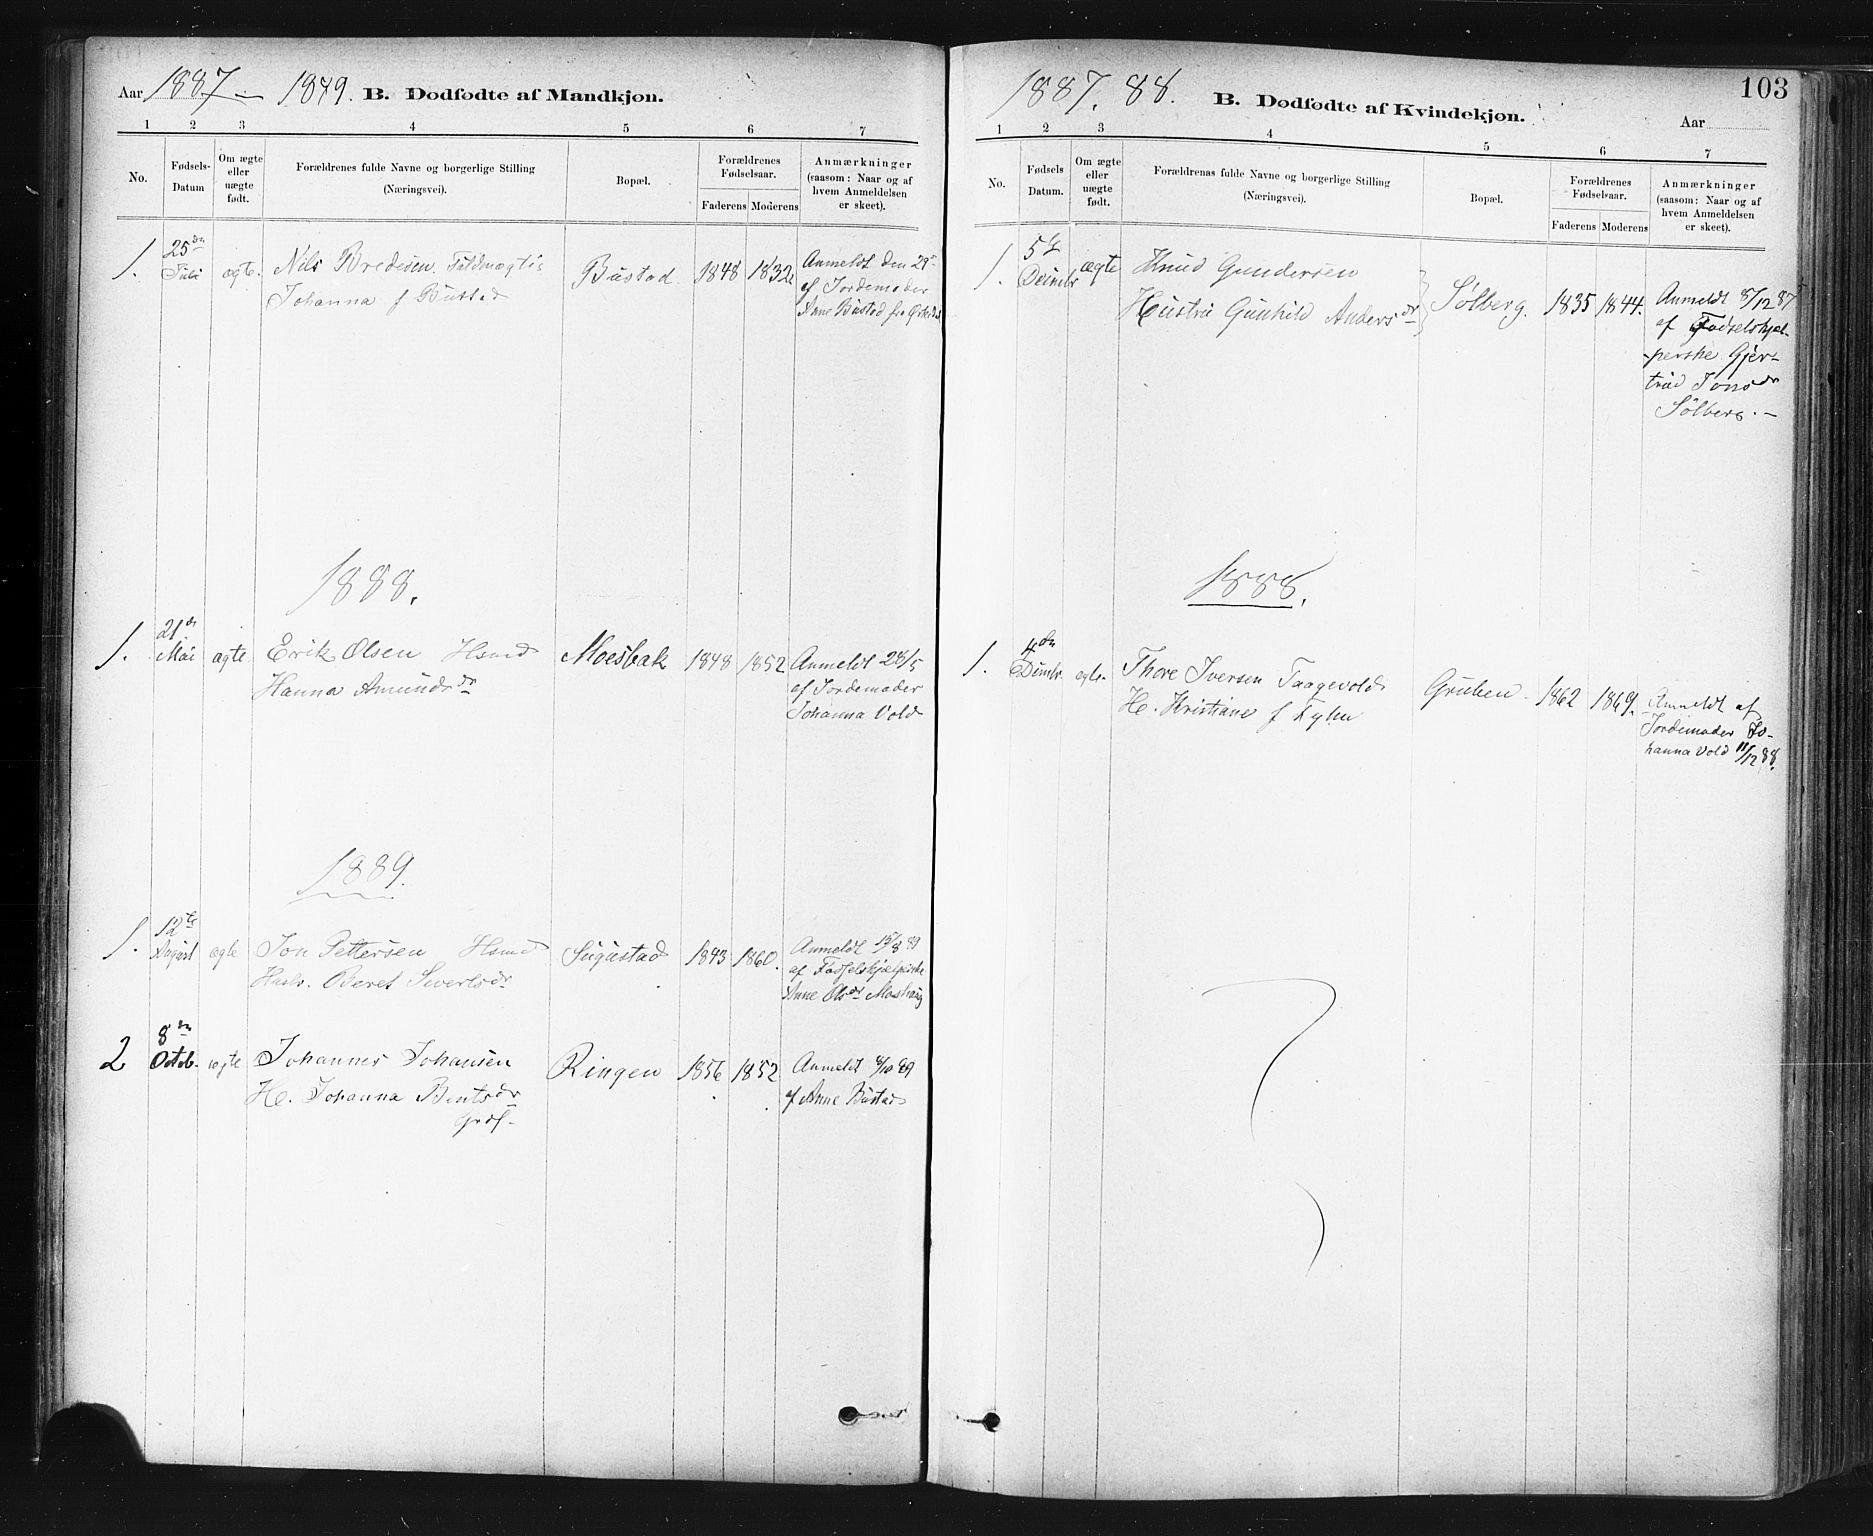 SAT, Ministerialprotokoller, klokkerbøker og fødselsregistre - Sør-Trøndelag, 672/L0857: Ministerialbok nr. 672A09, 1882-1893, s. 103